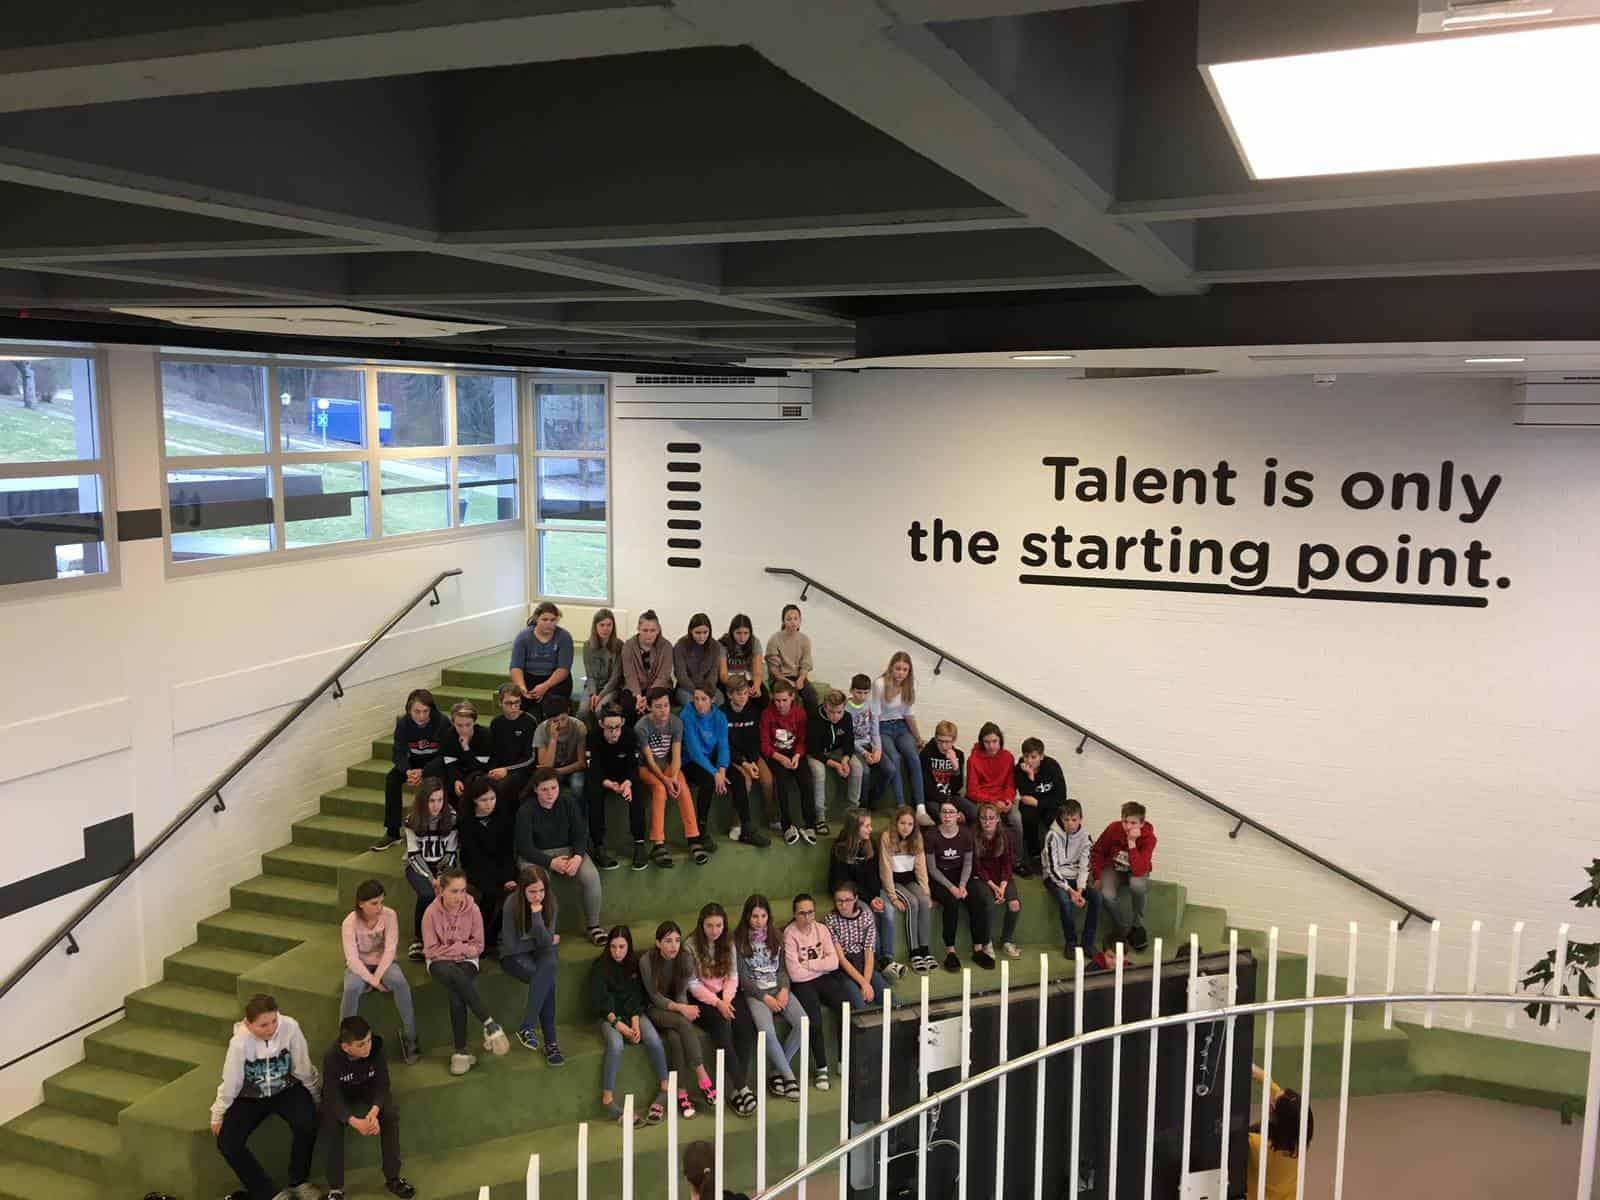 Talentcenter und wir<br /><h3 style='font-size: 16px; line-height: 16px !important; margin-top: 5px;'><span style='color: #800000;'>SchülerInnen der 3. Klassen auf Besuch im Talentcenter</span></h3>